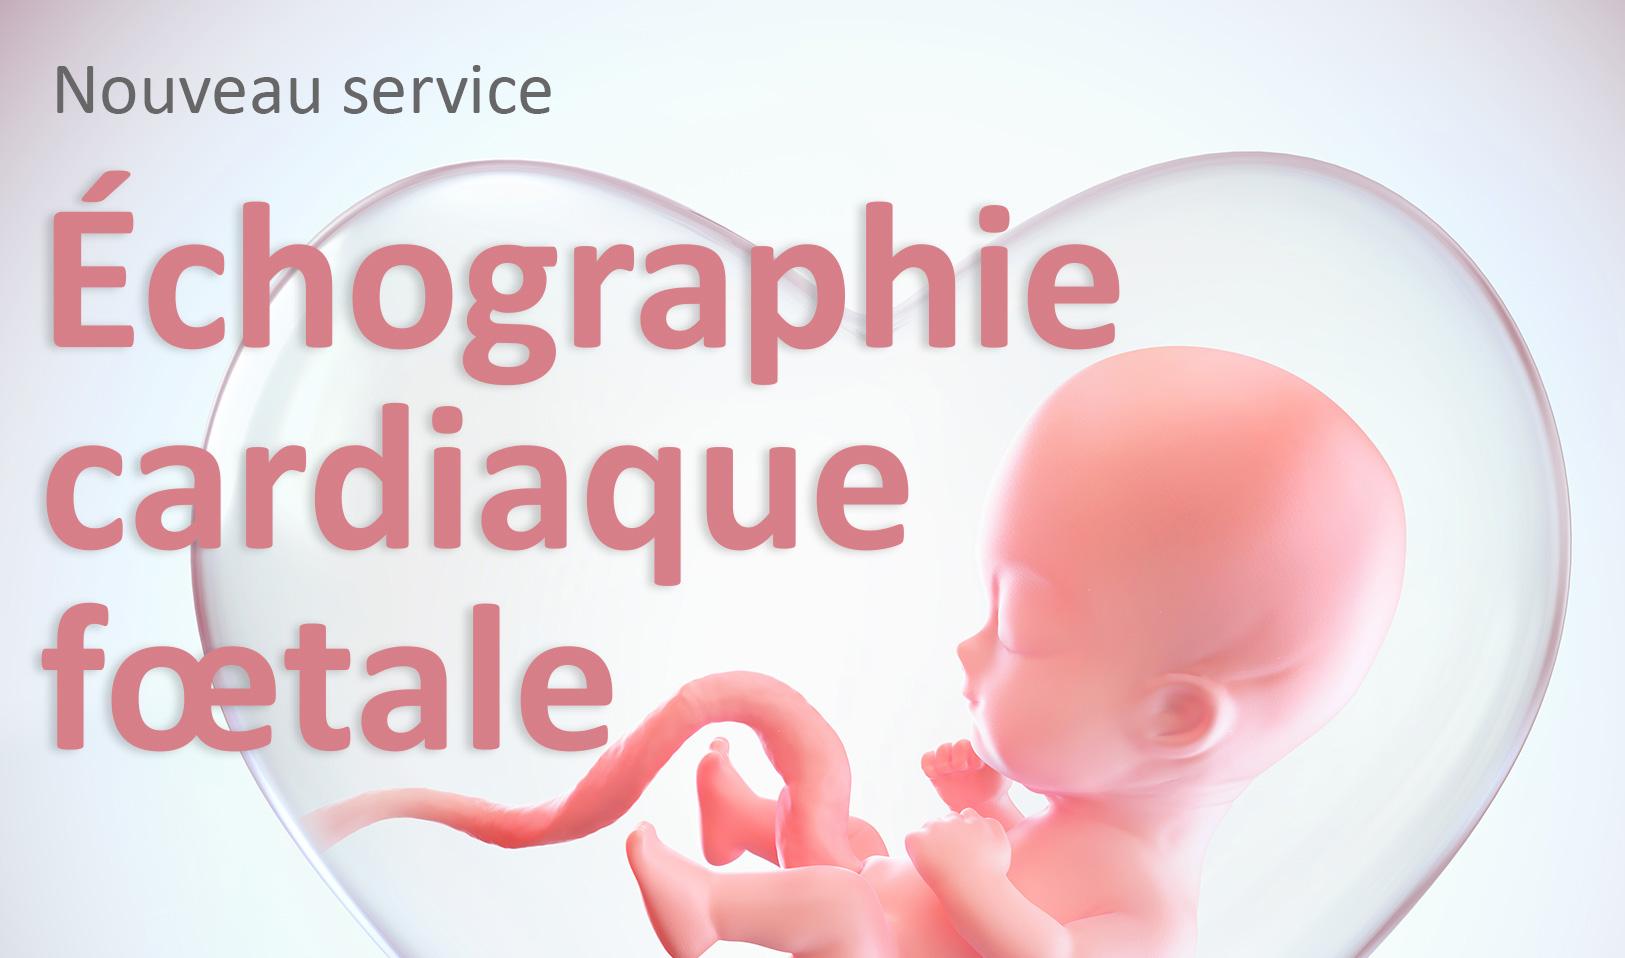 Nouveau service pour les futures mamans de la région